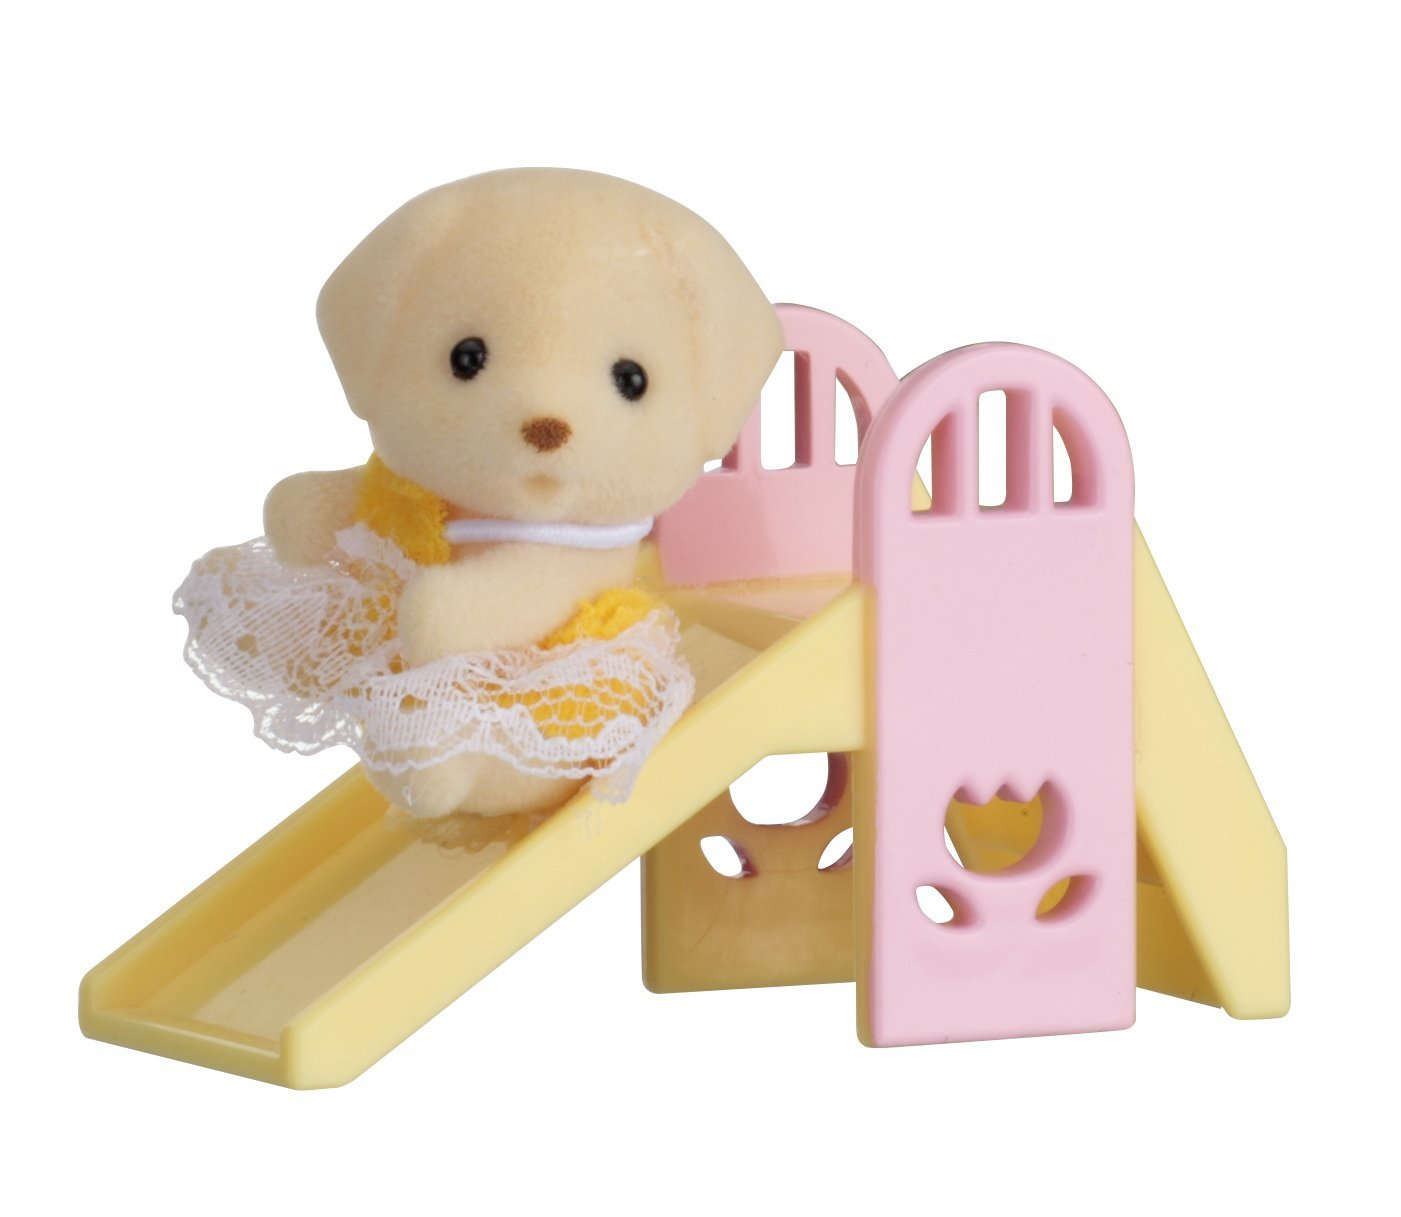 Набор Младенец в пластиковом сундучке  - Собачка на горкеСемьи и малыши<br>Набор Младенец в пластиковом сундучке  - Собачка на горке<br>